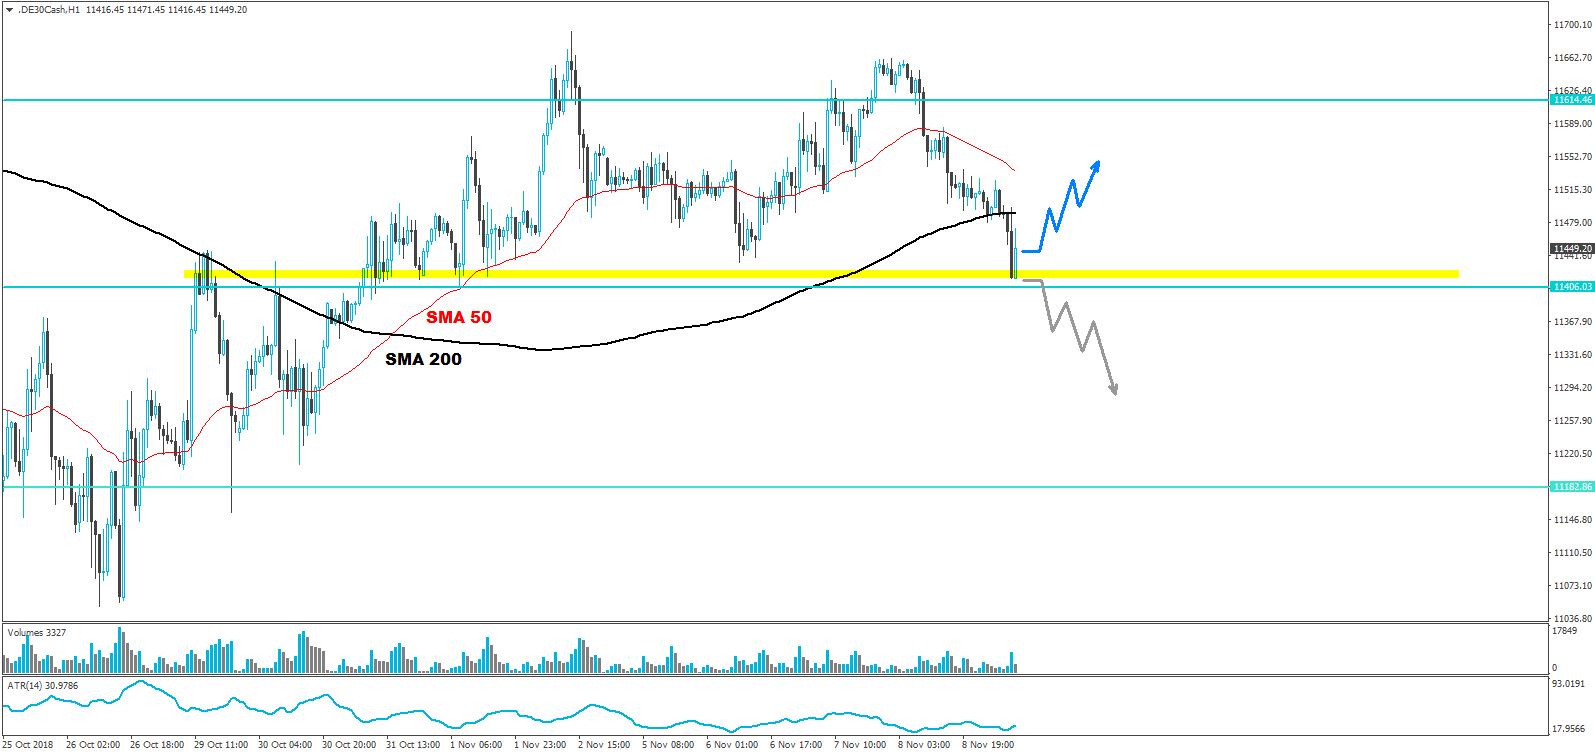 DAX-Wenn-der-Markt-unter-11-420-rutscht-dann-Kommentar-JFD-Brokers-GodmodeTrader.de-2